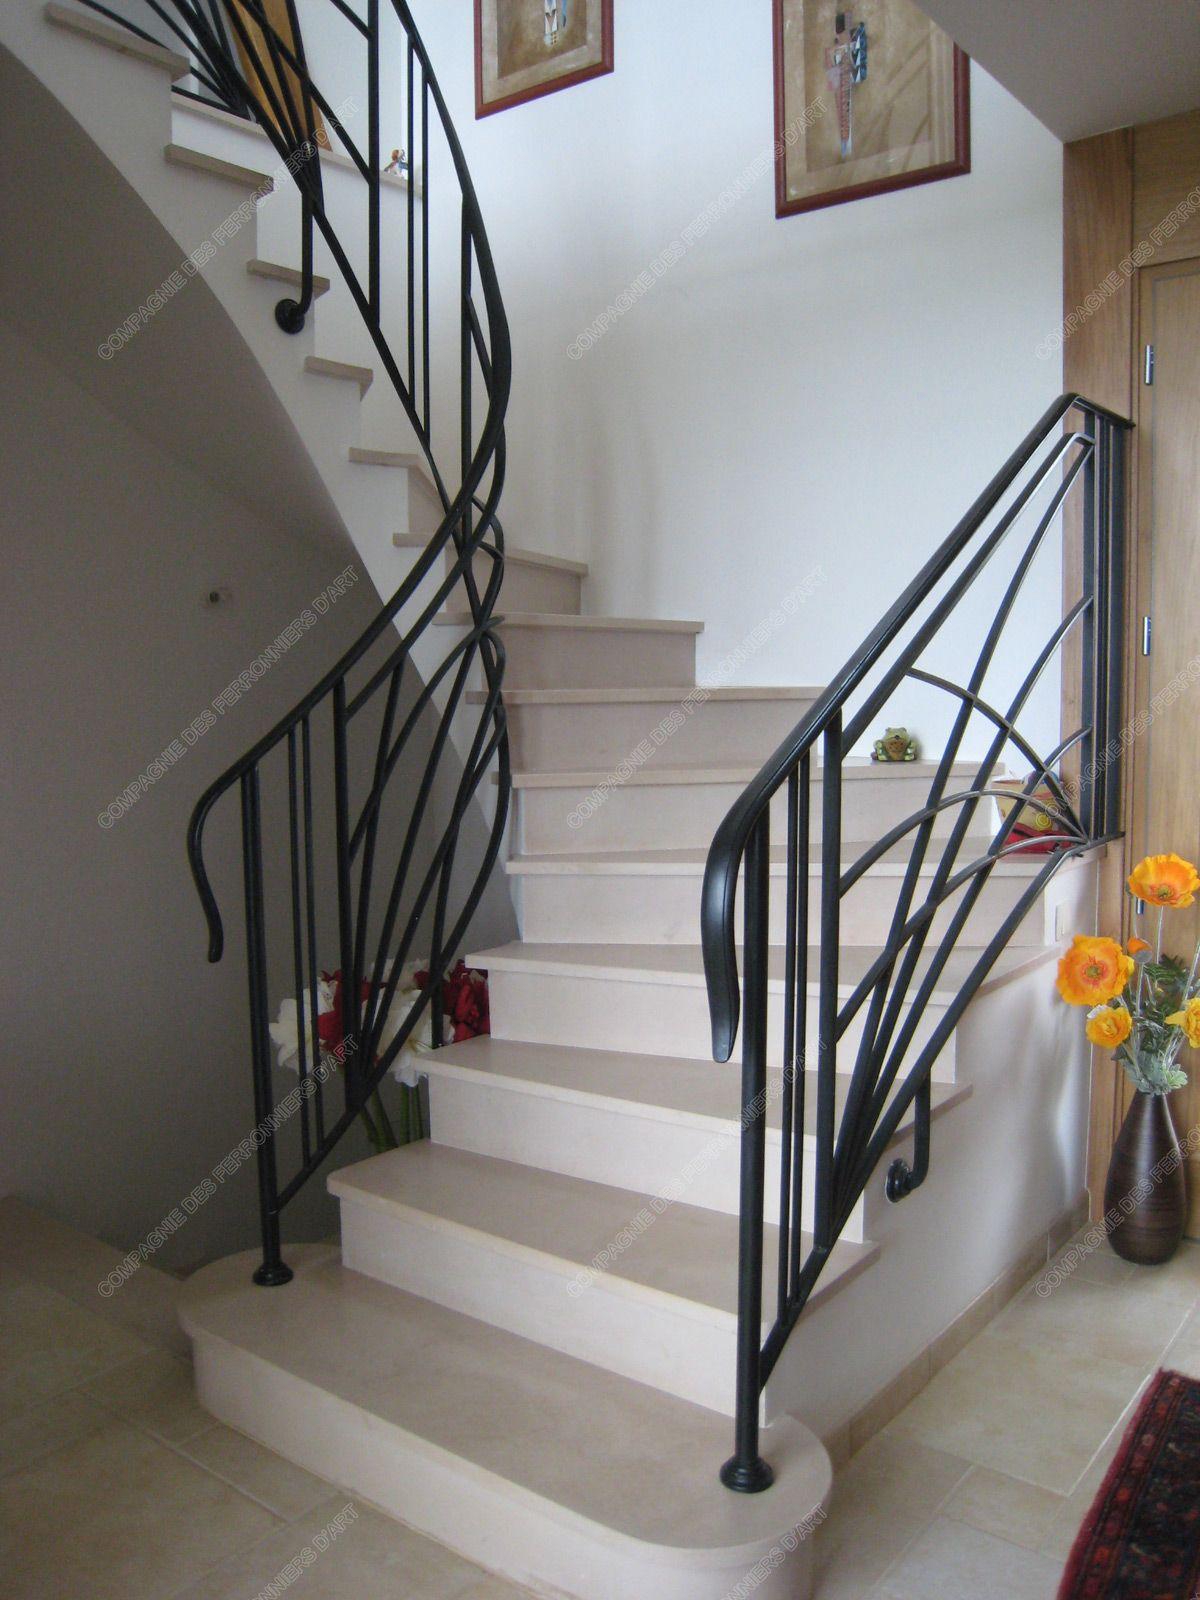 Rampes D Escalier En Fer Forge Art Decoratif Modele Soleil